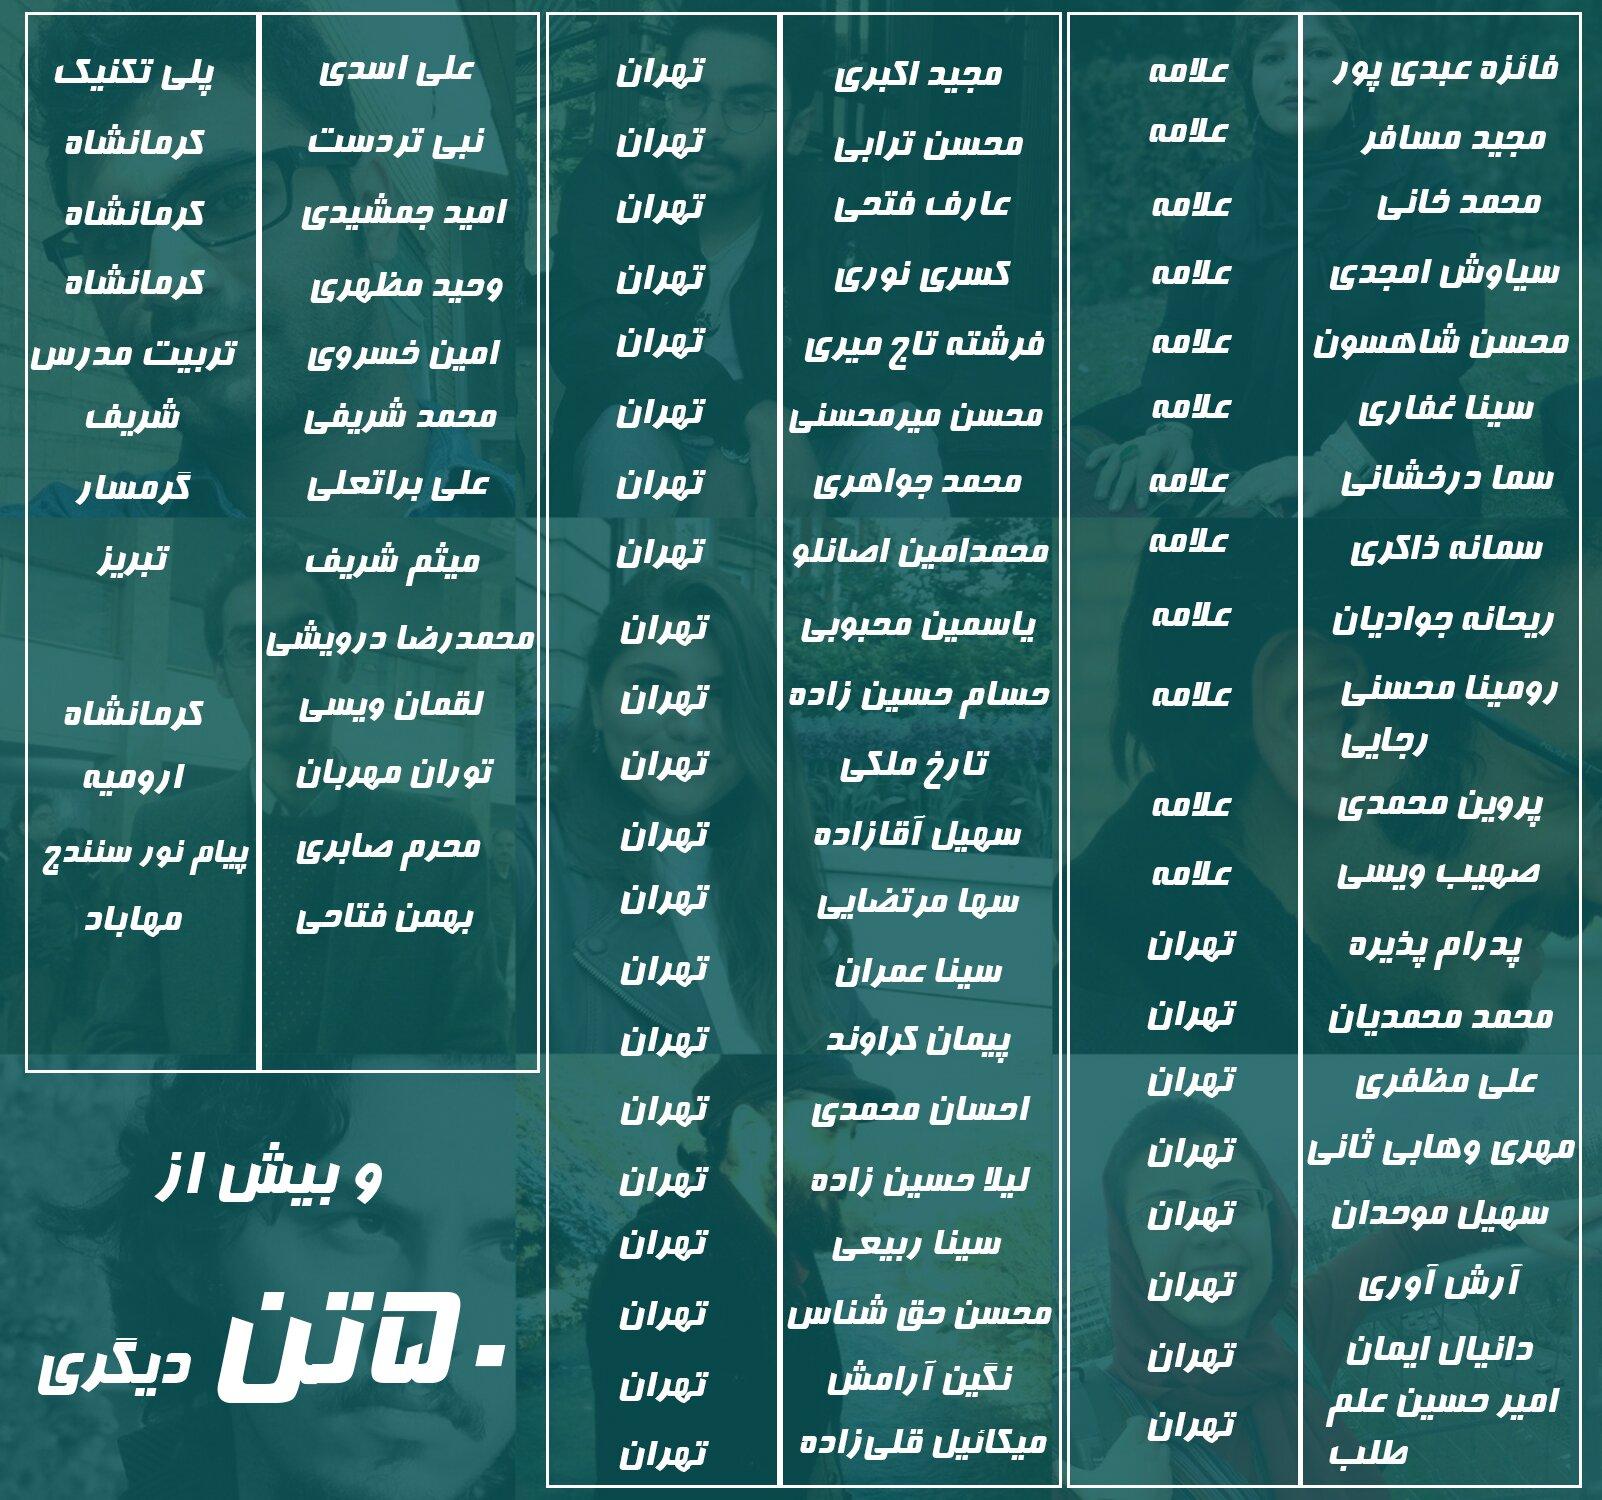 اسامی دانشجویان بازداشت شده